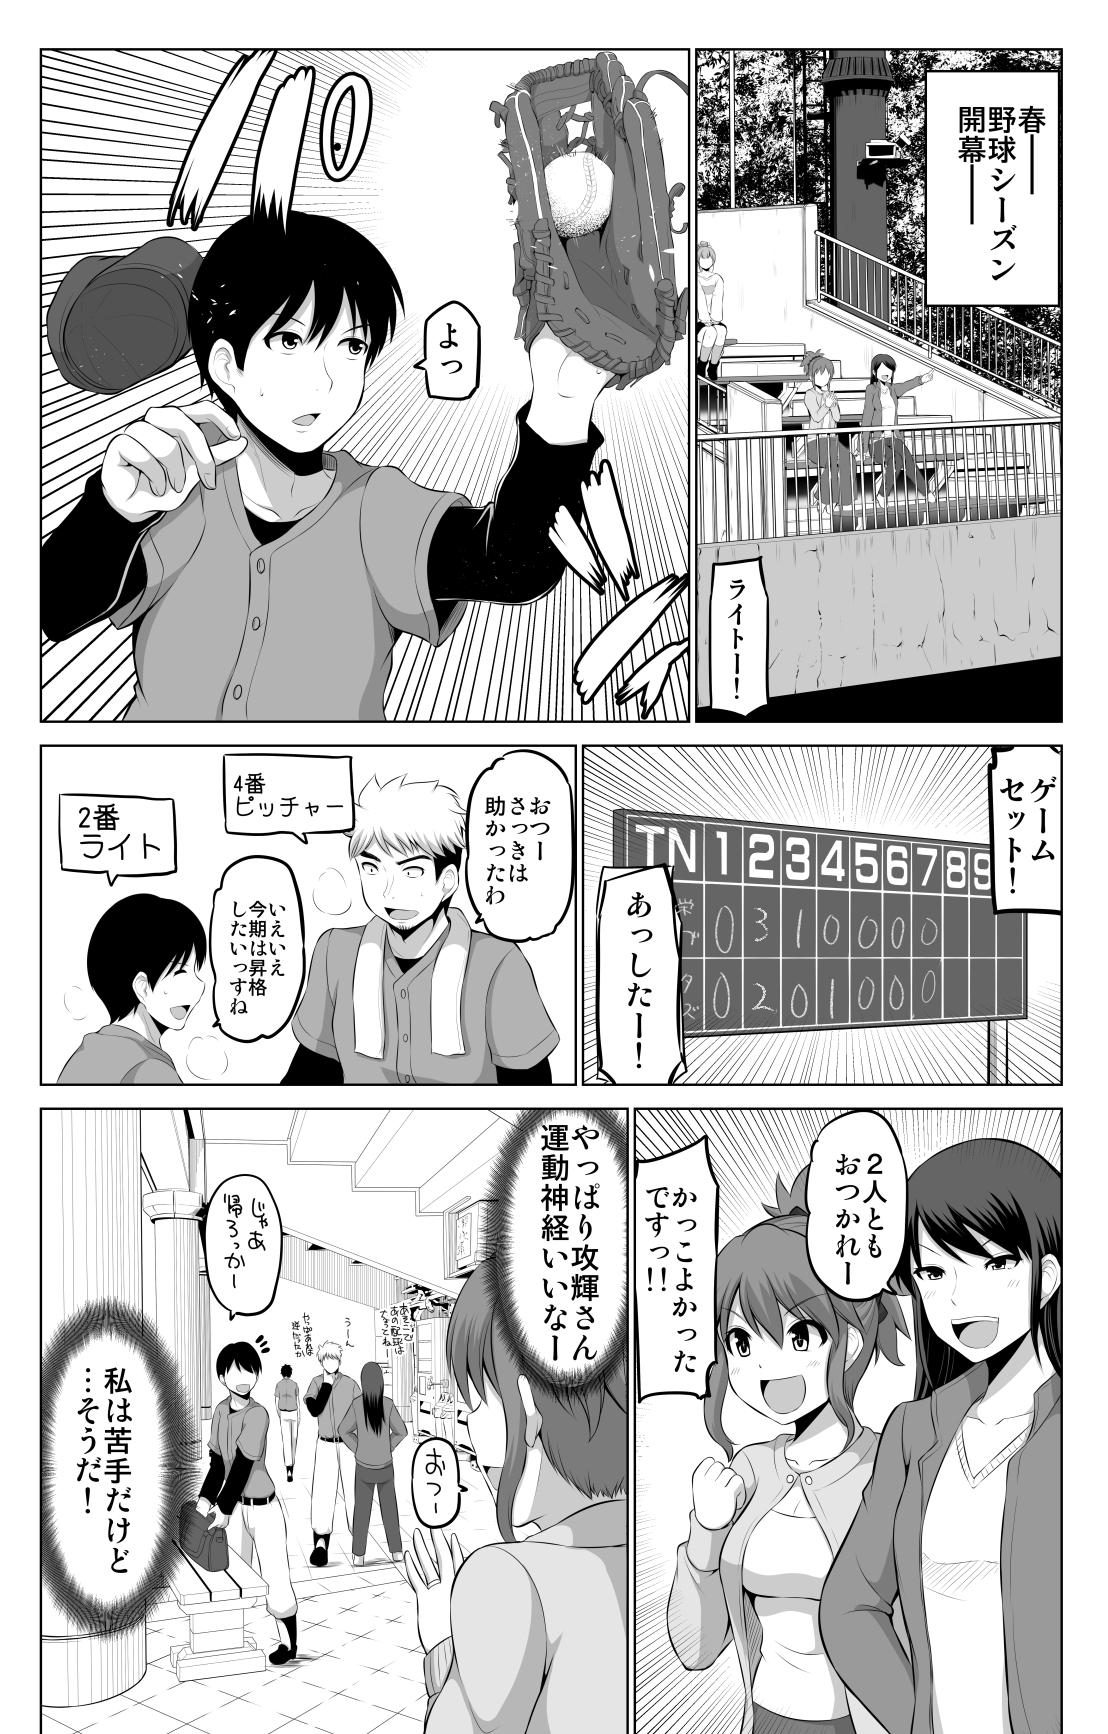 【第51話】防御力ゼロの嫁 春の運動編